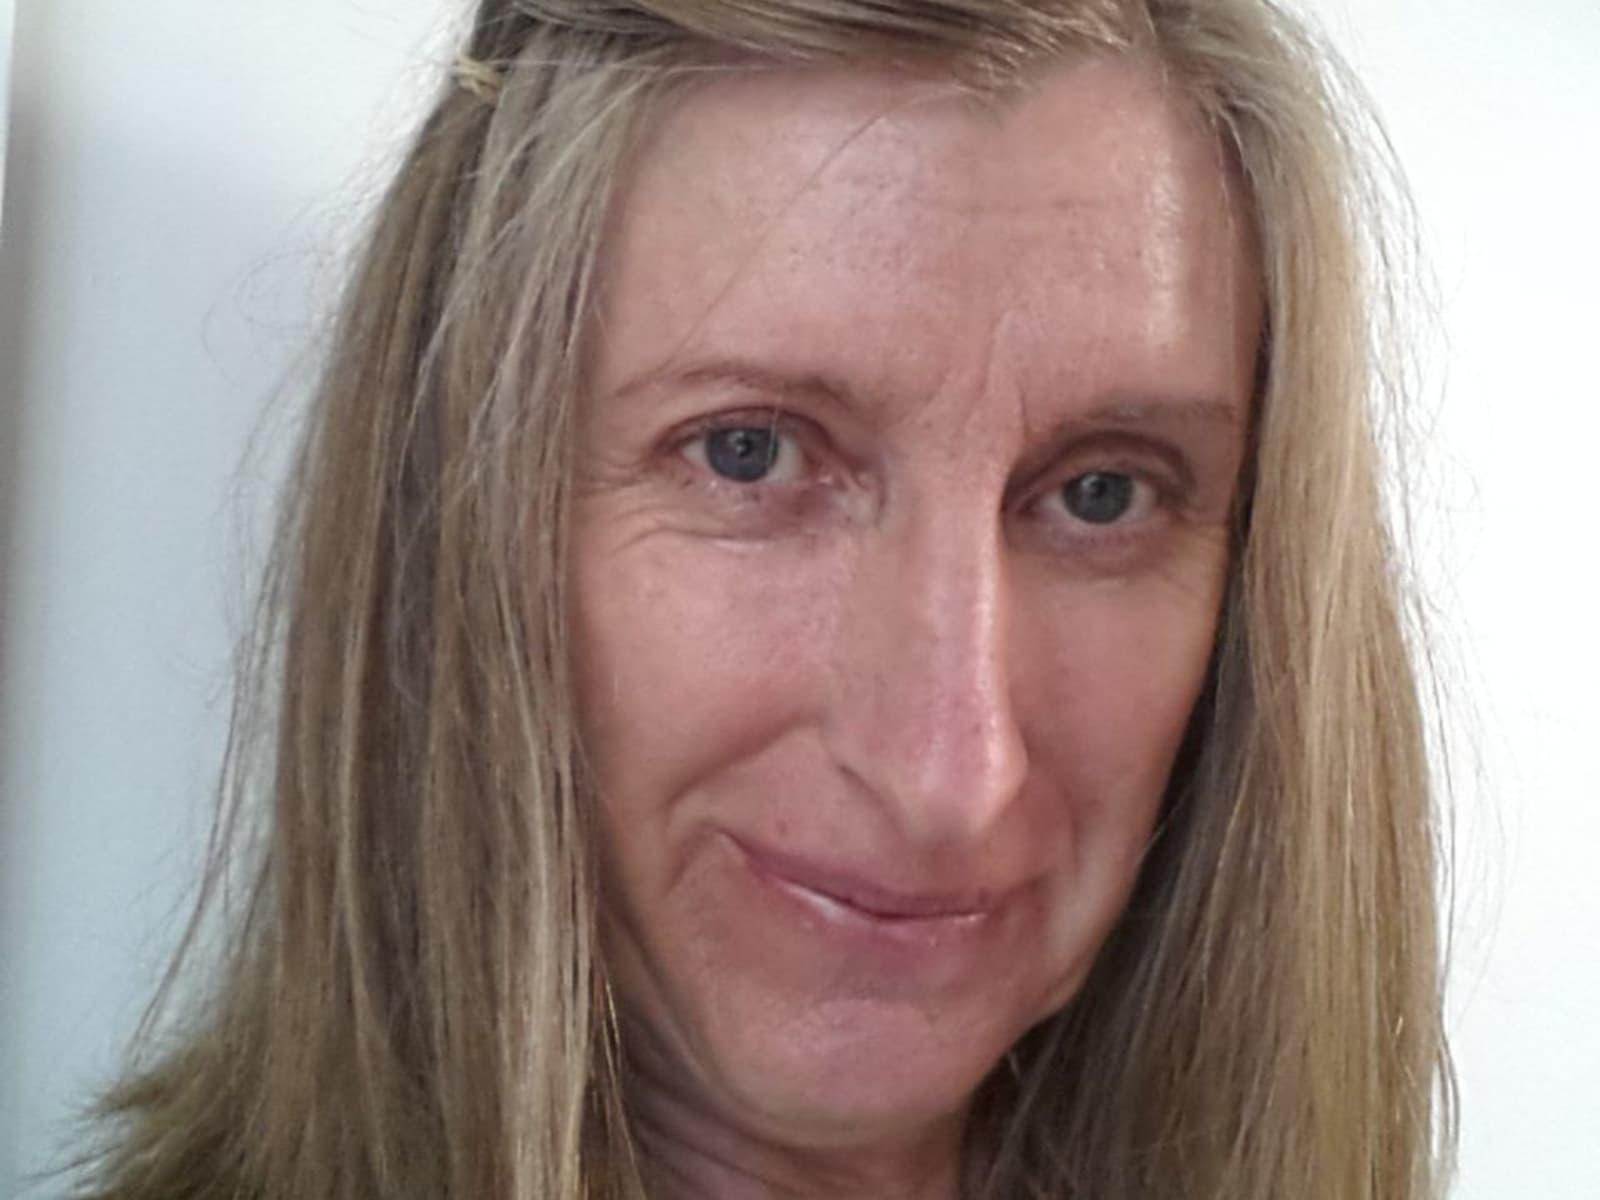 Julie from Bellingen, New South Wales, Australia